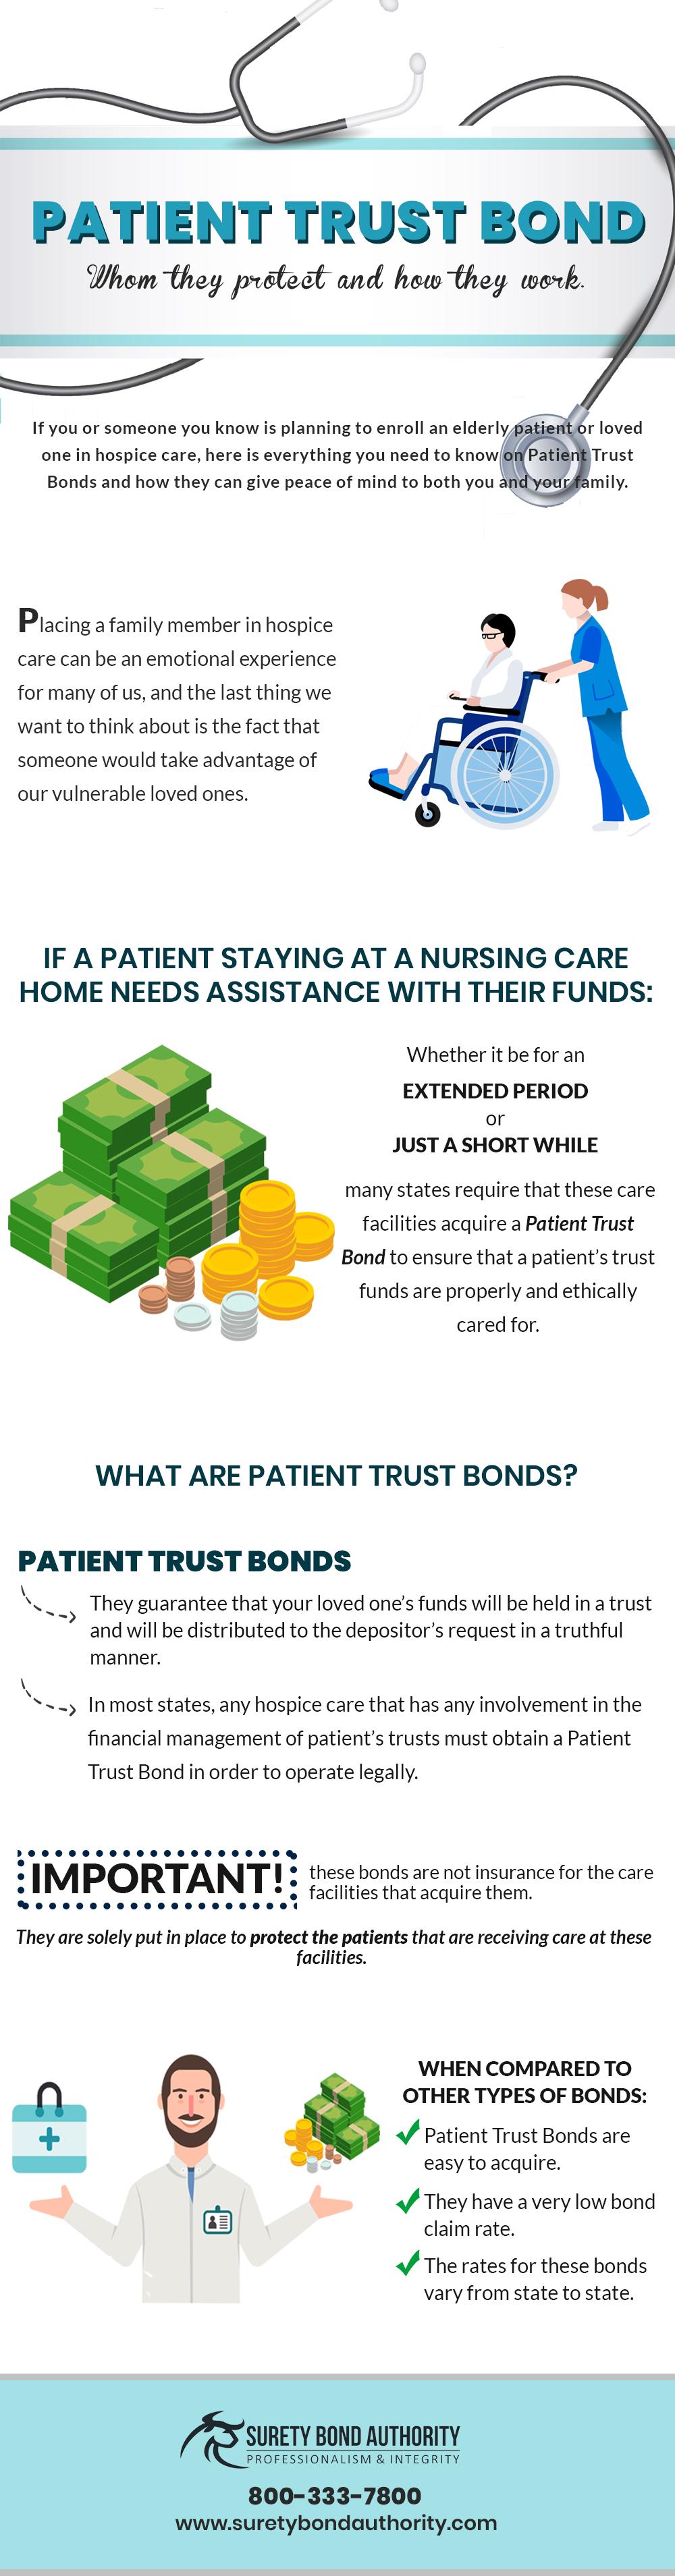 Patient Trust Bond Infographic